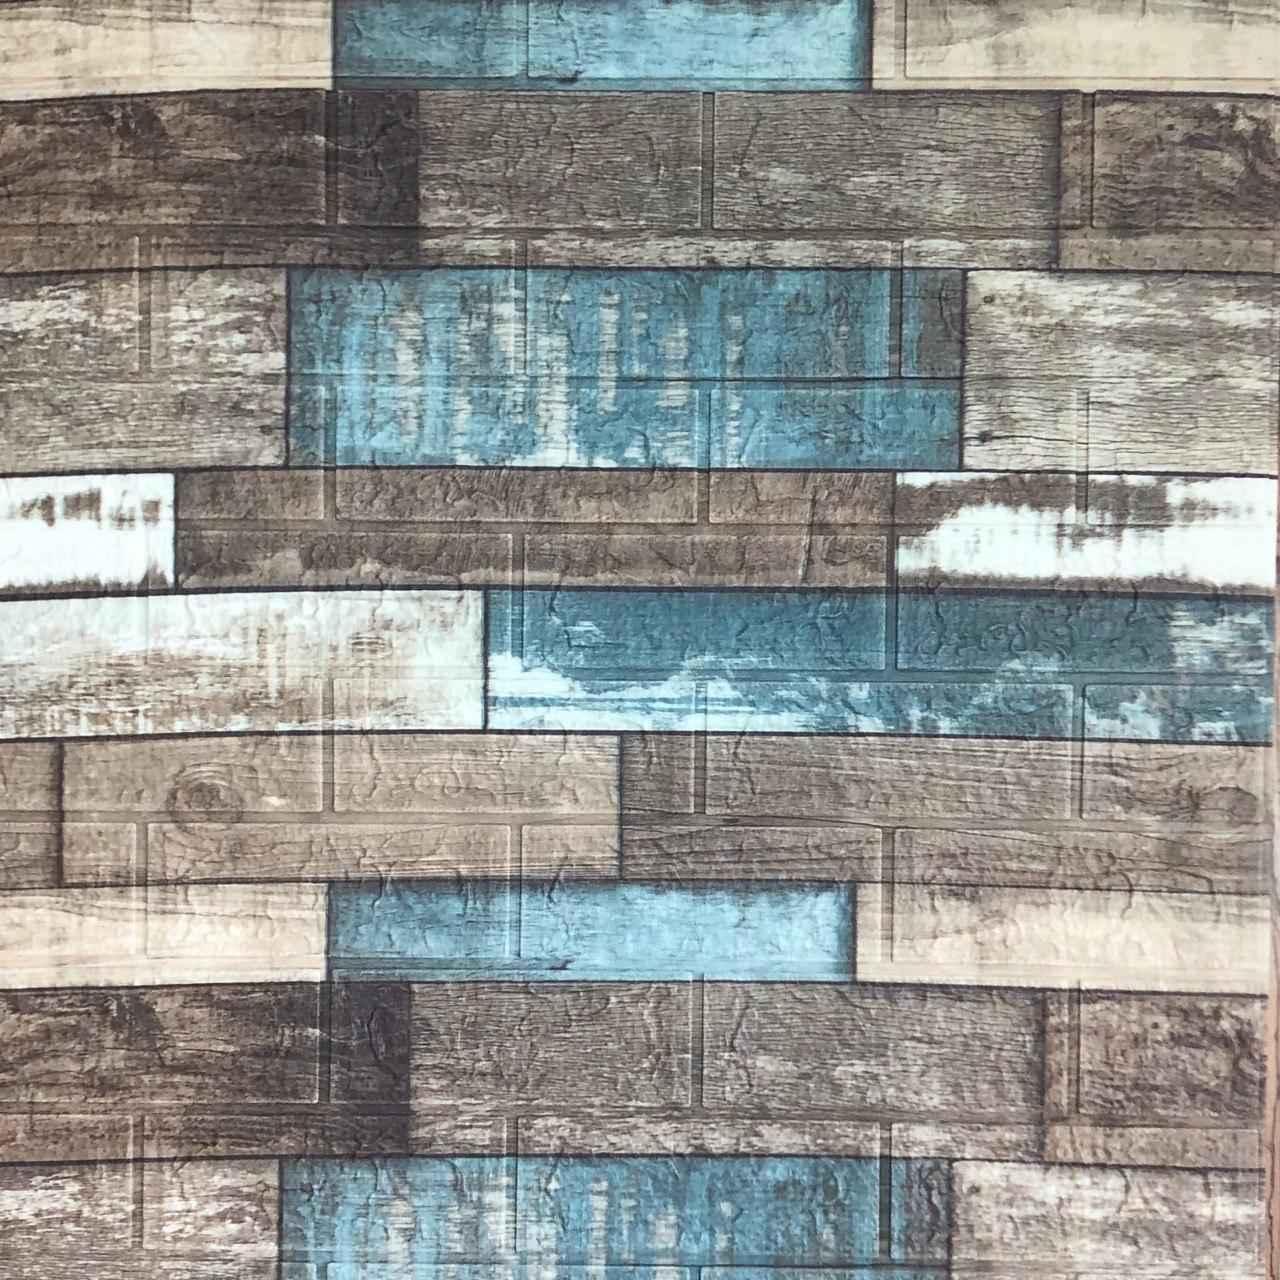 3д панель стеновой декоративный Кирпич Синее Дерево (самоклеющиеся 3d панели для стен оригинал) 700x770x5 мм